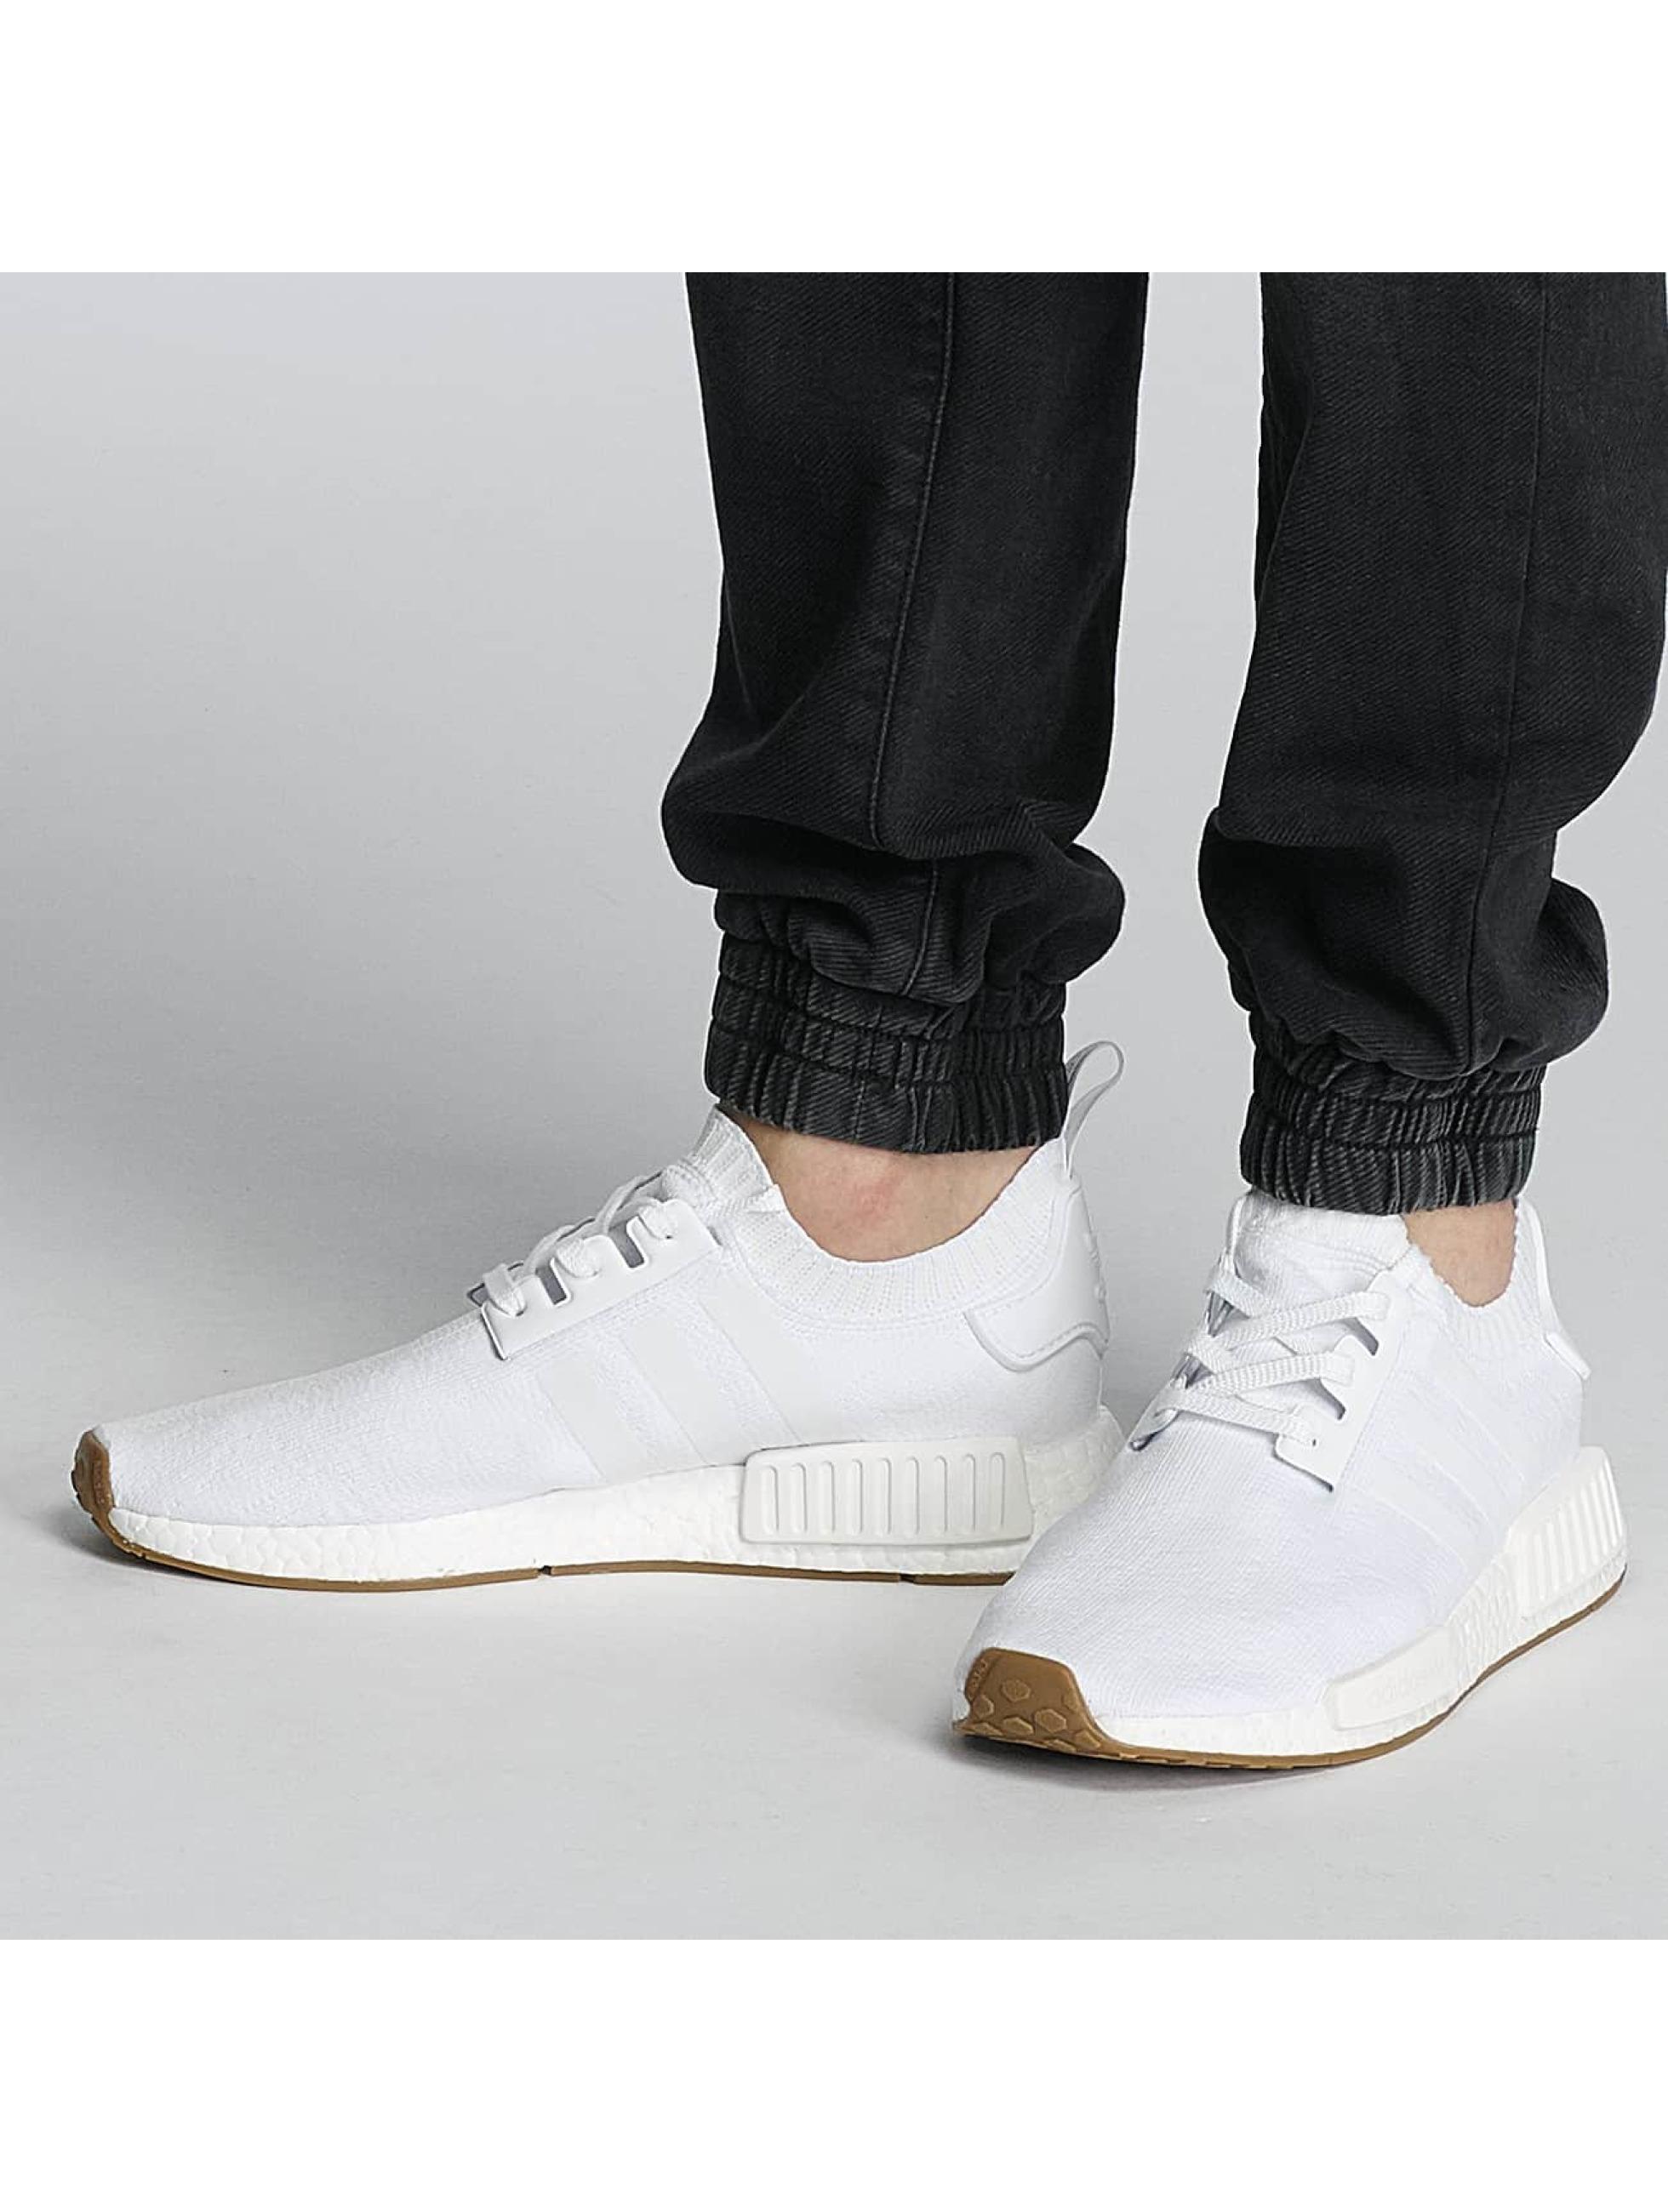 Sneaker NMD R1 PK in weiß